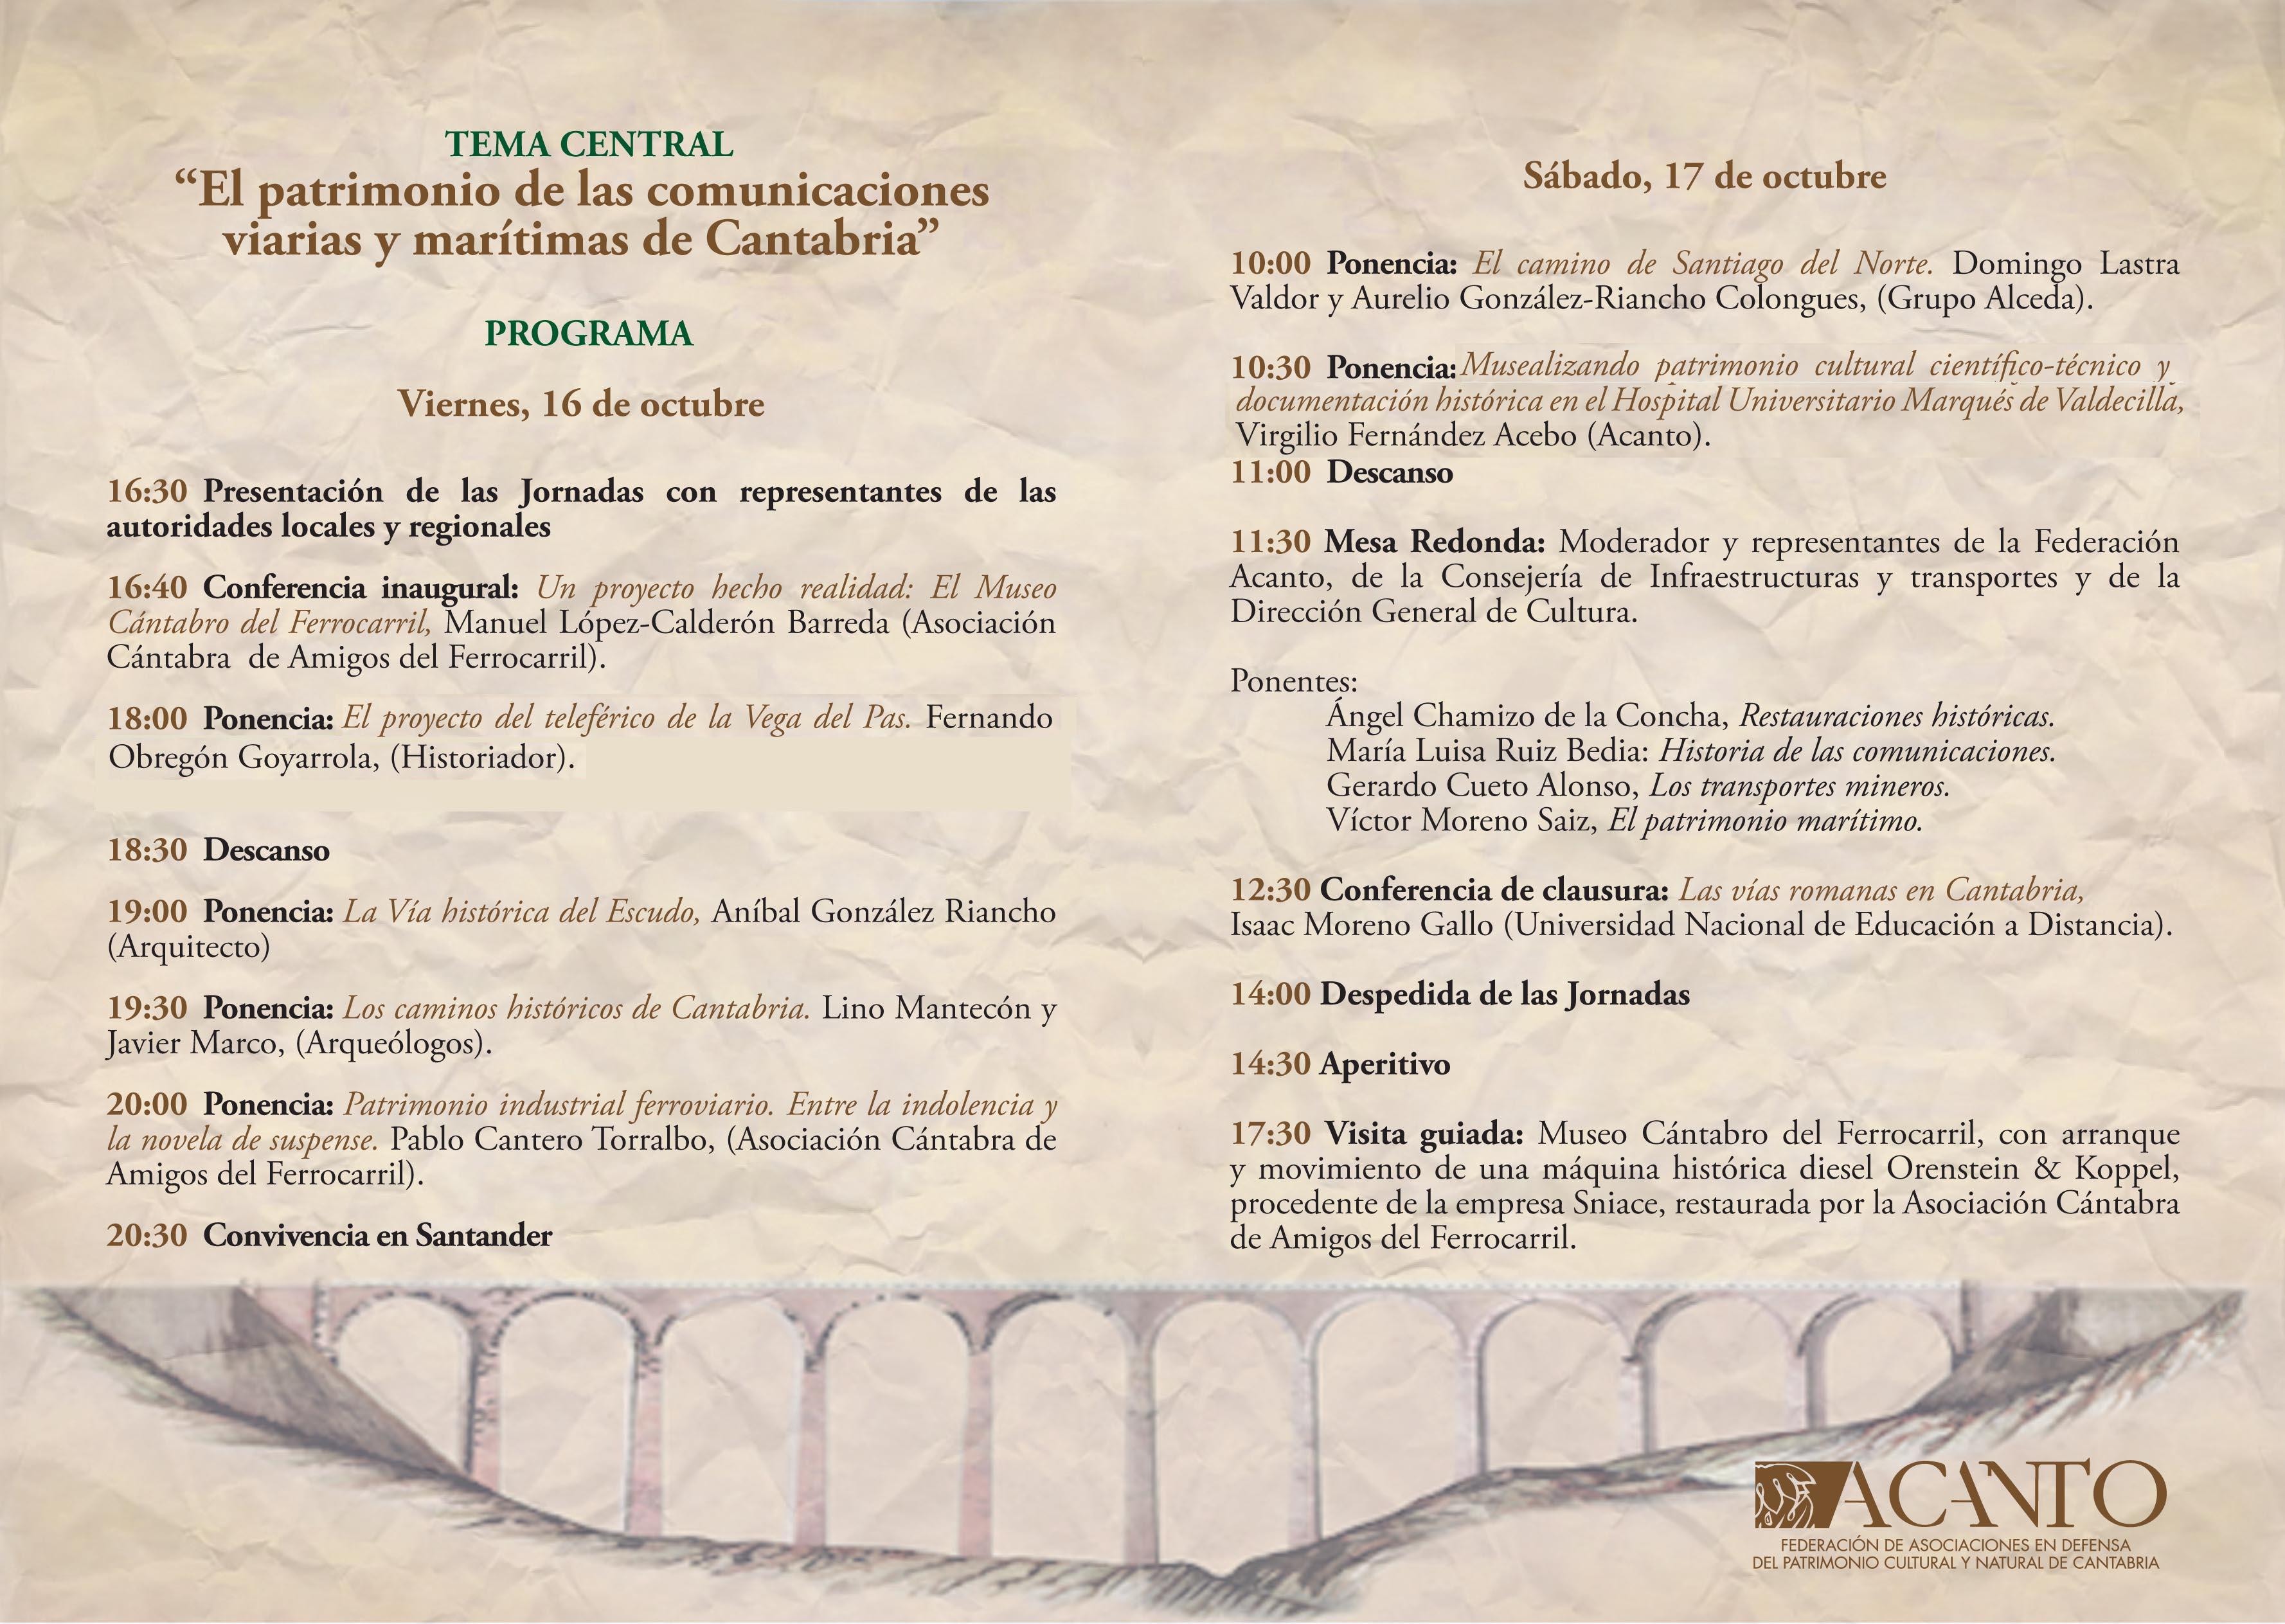 Programa definitivo de las XIV JORNADAS ACANTO DE PATRIMONIO. Días 16 y 17 de octubre de 2015.